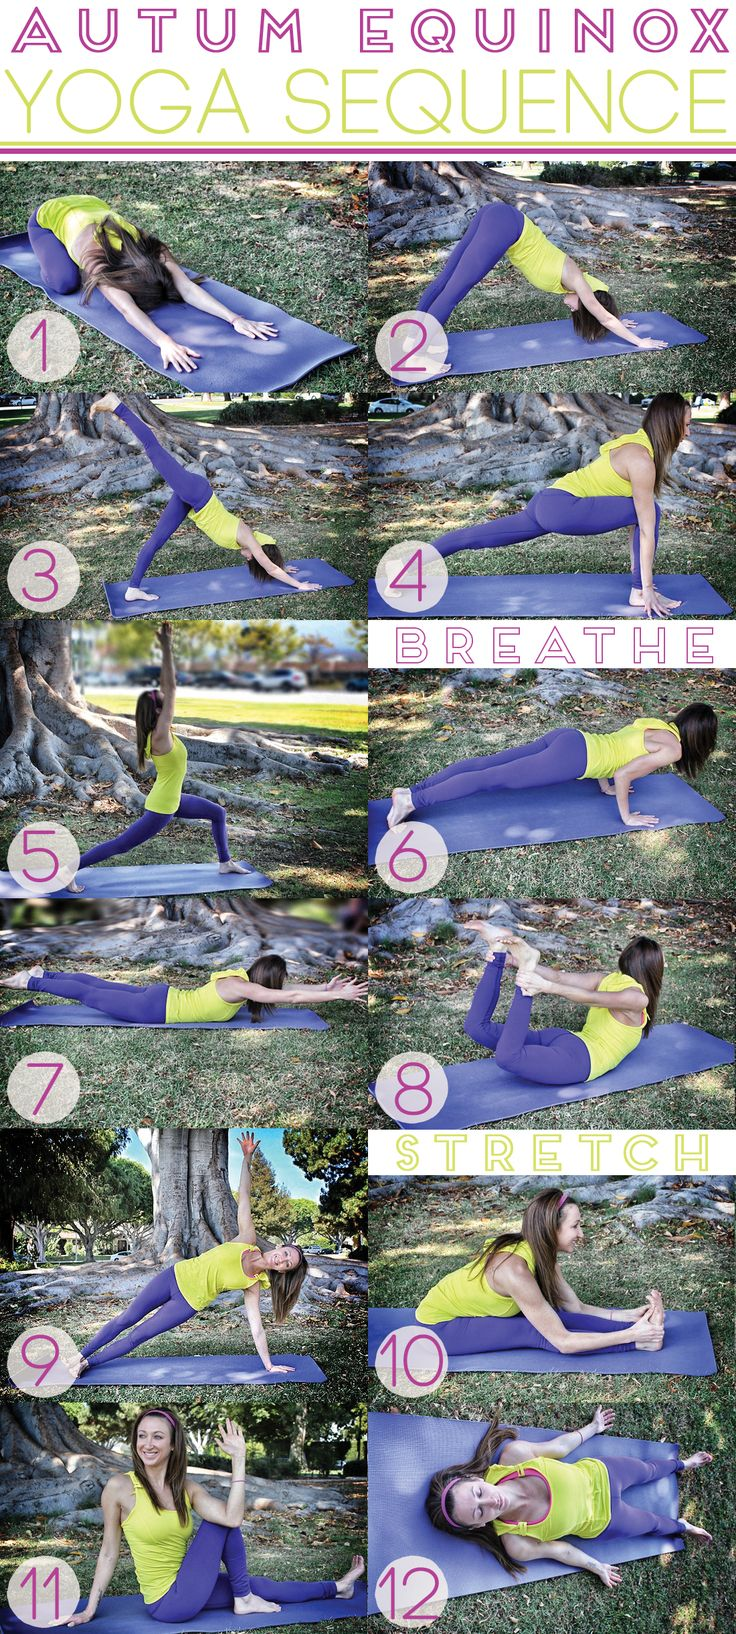 Loved and pinned by http://www.shivohamyoga.nl/ #yoga #yogini #yogi #namaste #om #aum #asana #meditation #health #pose #poses #mindfulness #focus #balance #zen #breathe